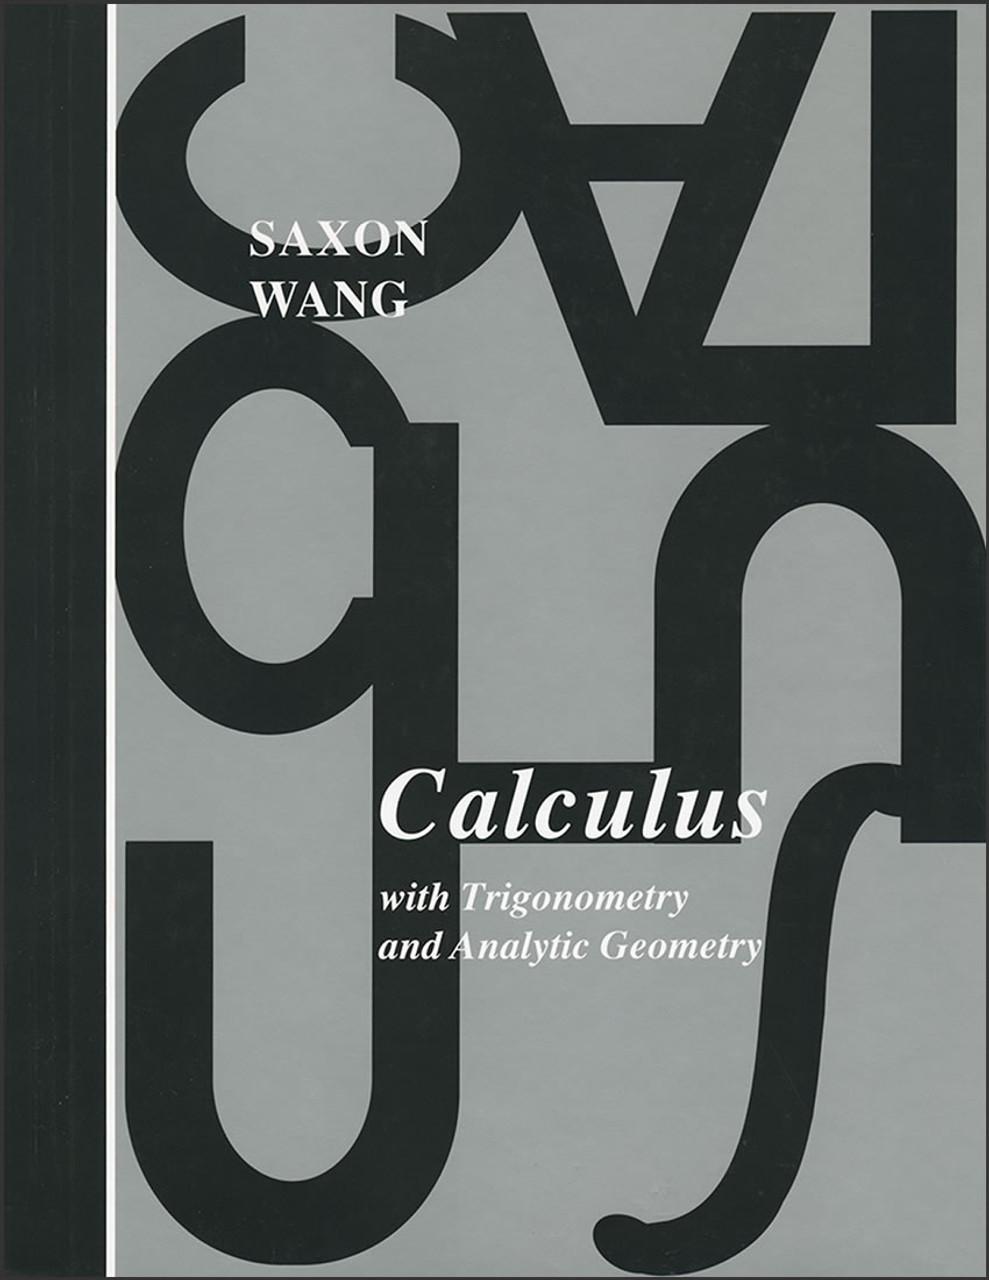 Saxon Calculus, 1st edition